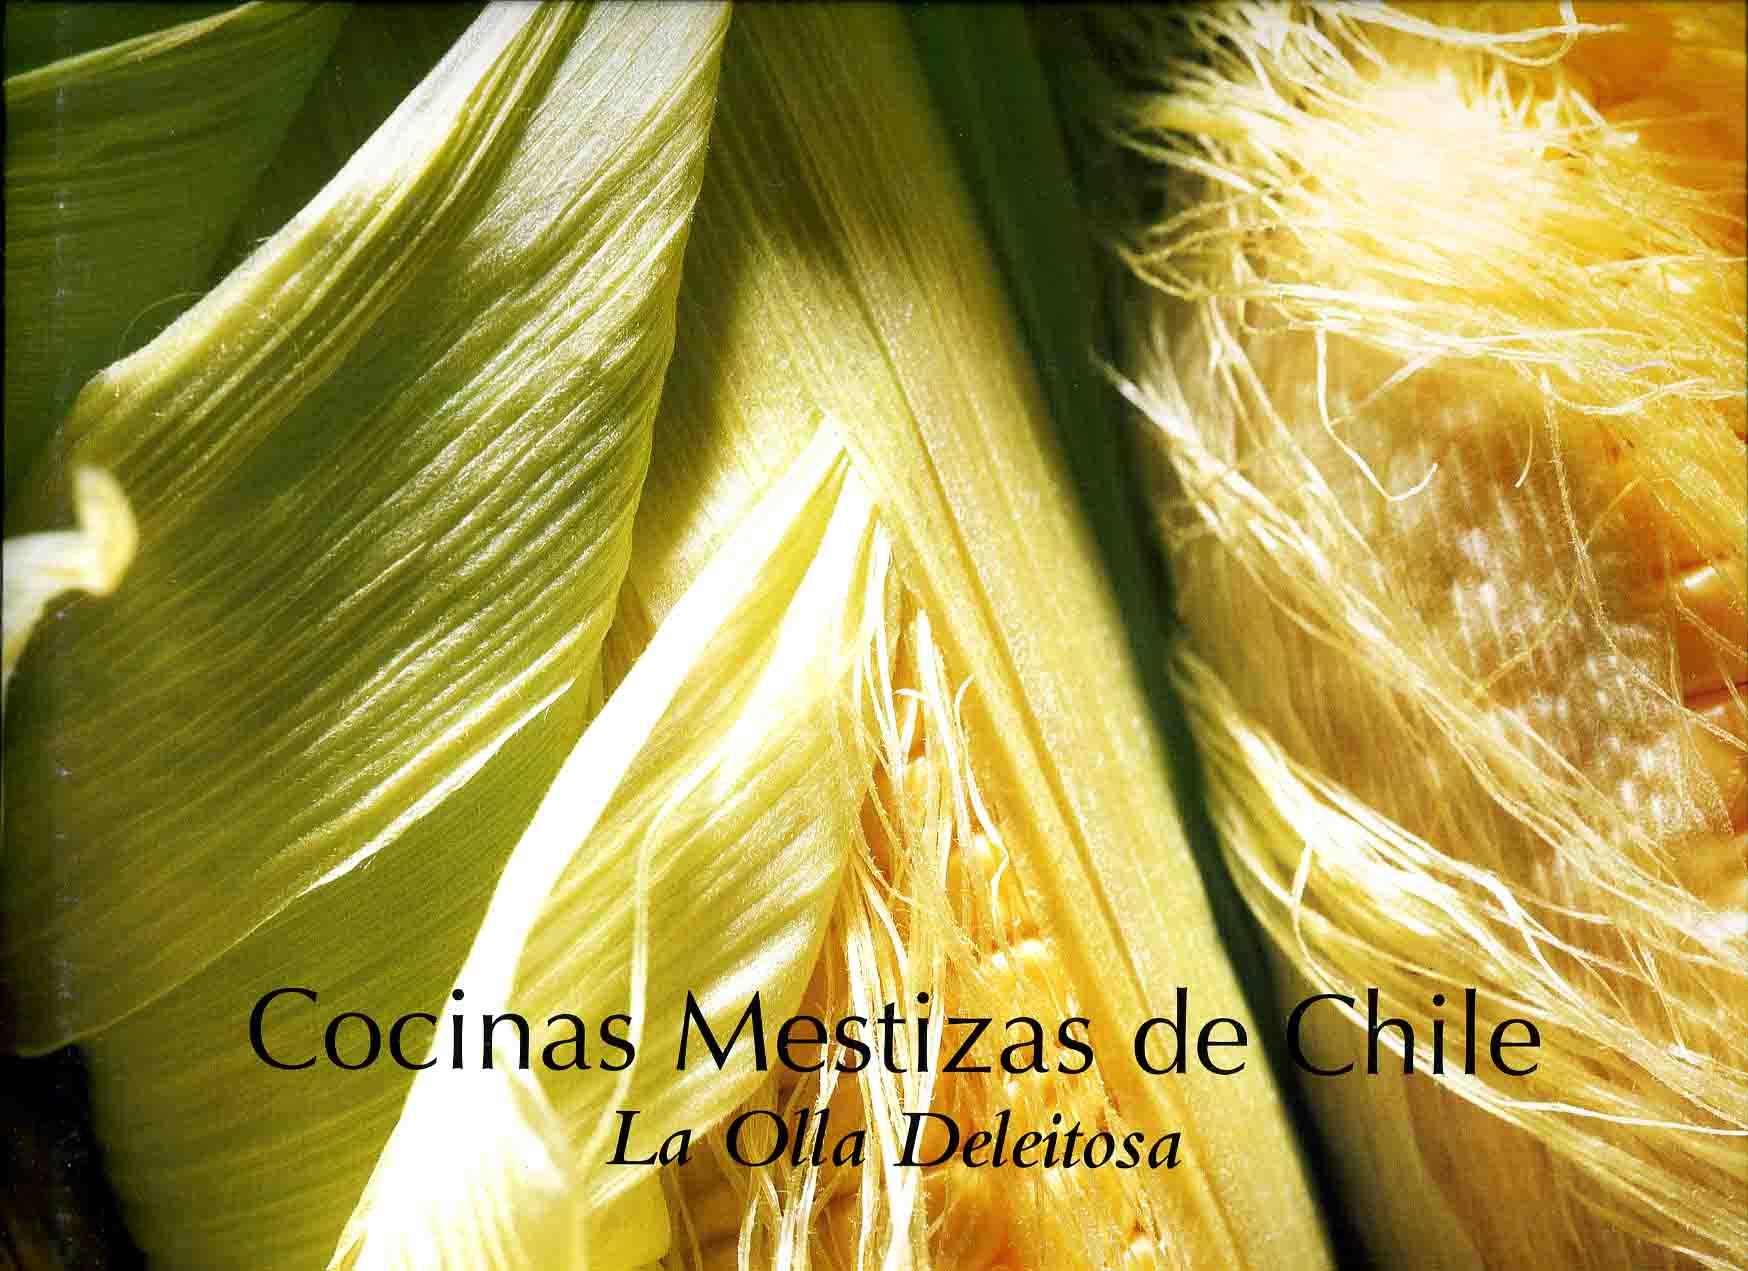 Cocina Chile Cocinas Mestizas de Chile la